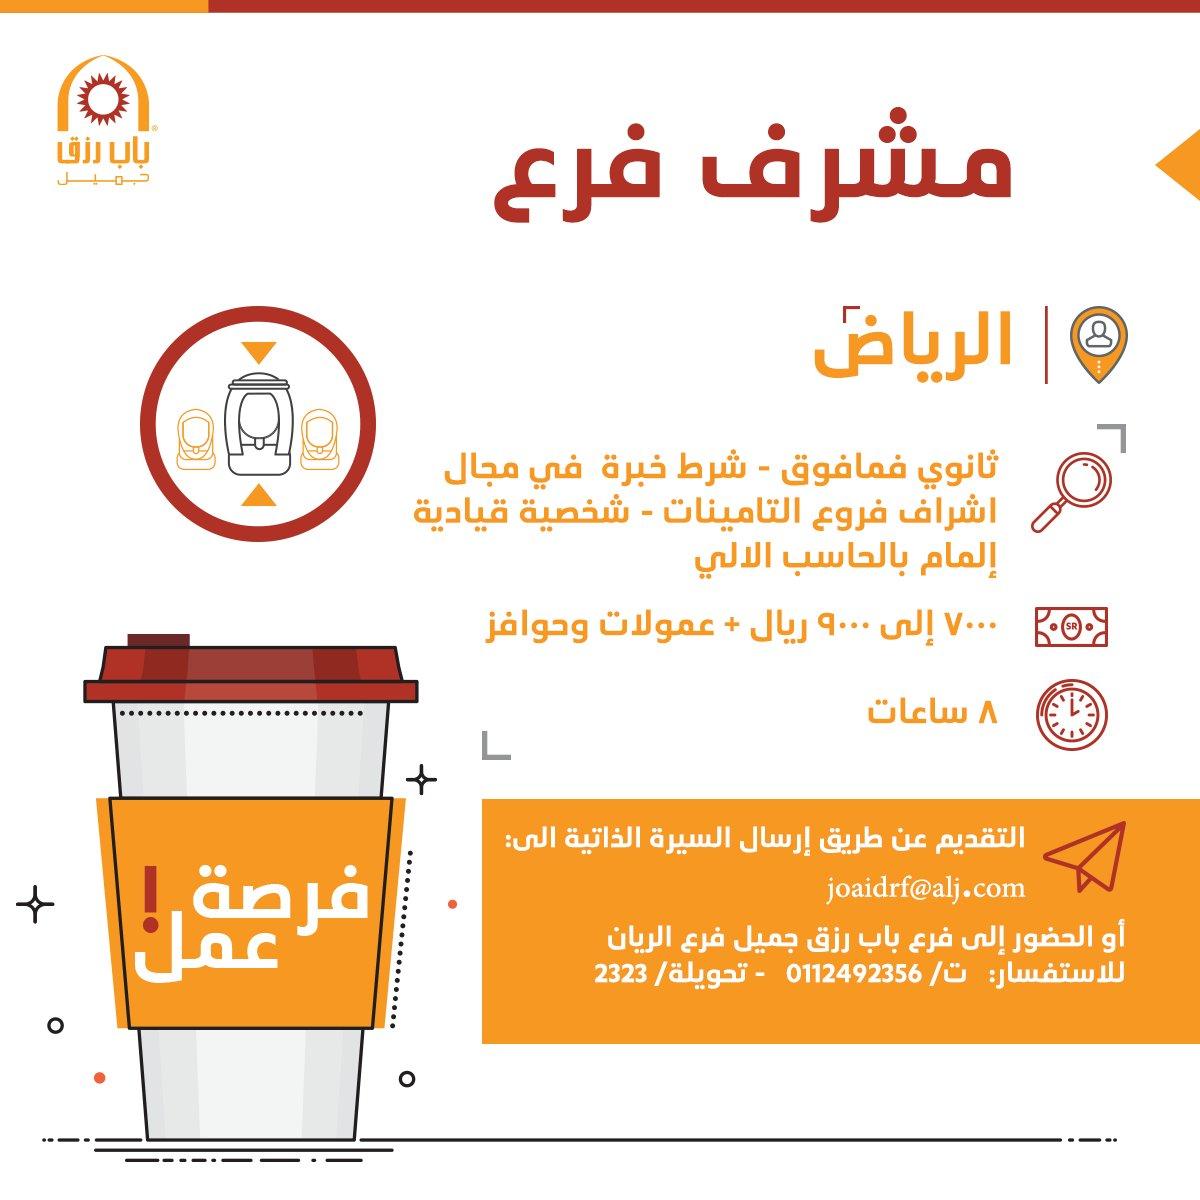 مطلوب مشرف فرع - الرياض